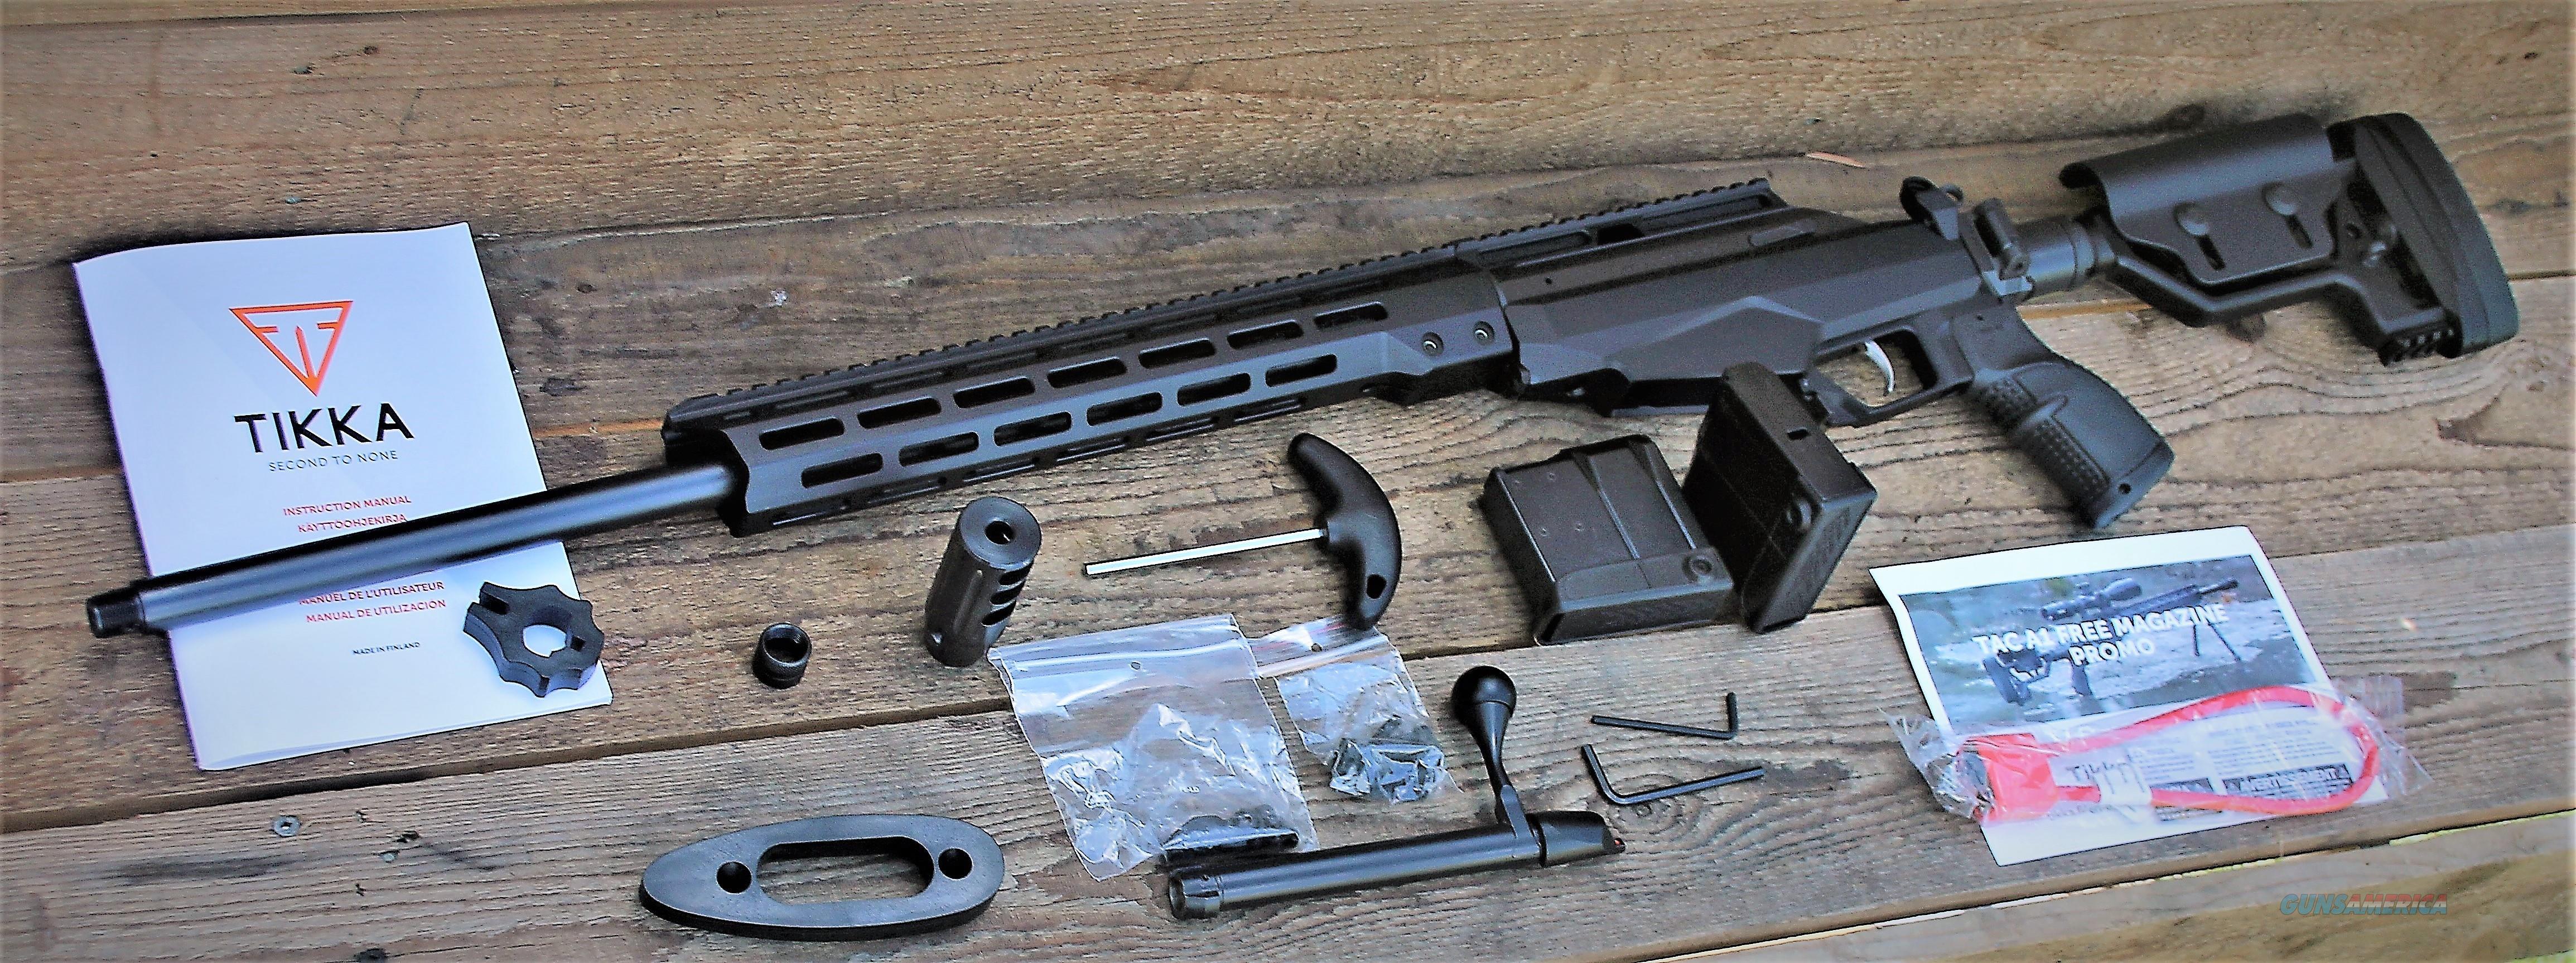 """1 EASY PAY $159 Beretta Group SAKO Tikka T3 6.5 Creed 24"""" Threaded barrel 1:8"""" twist T3X Picatinny scope rail chassis stock M-LOK attachment black anodized finish JRTAC382L  Guns > Rifles > Tikka Rifles > T3"""